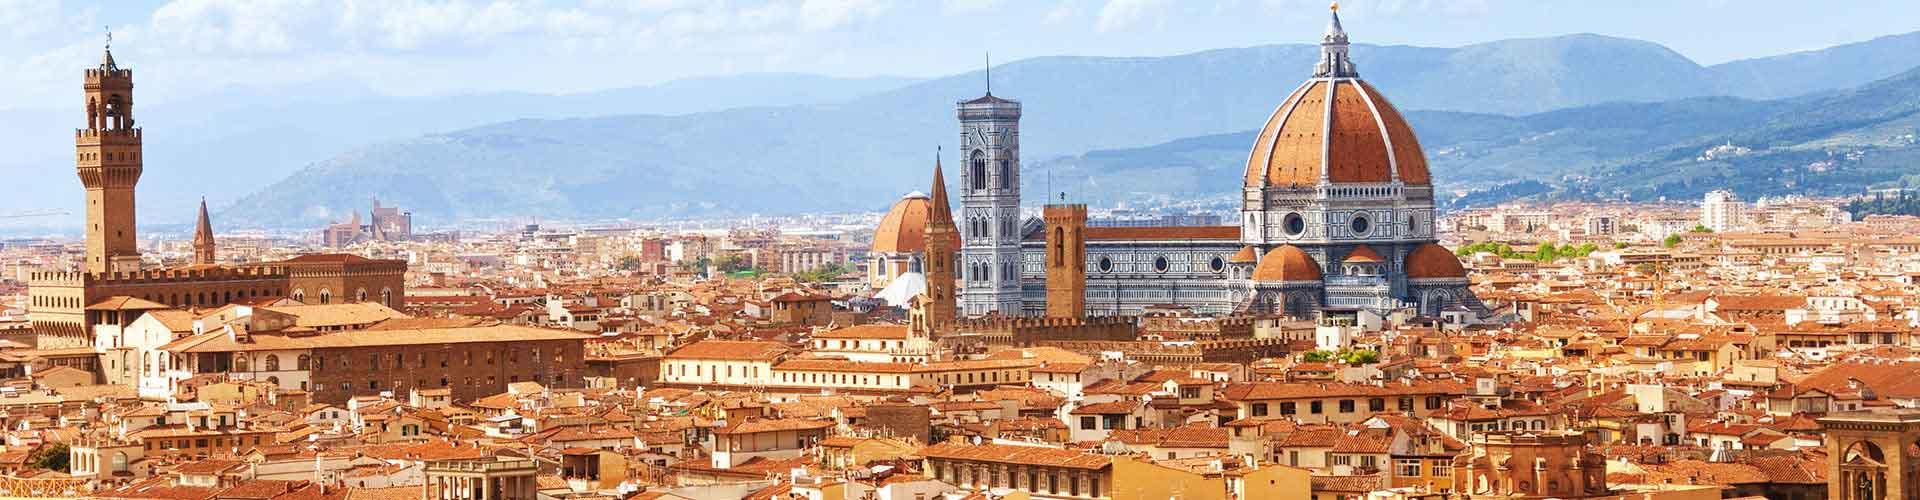 フィレンツェ – ホステル フィレンツェ. 地図 フィレンツェ, すべてのホステルの写真とレビュー フィレンツェ.